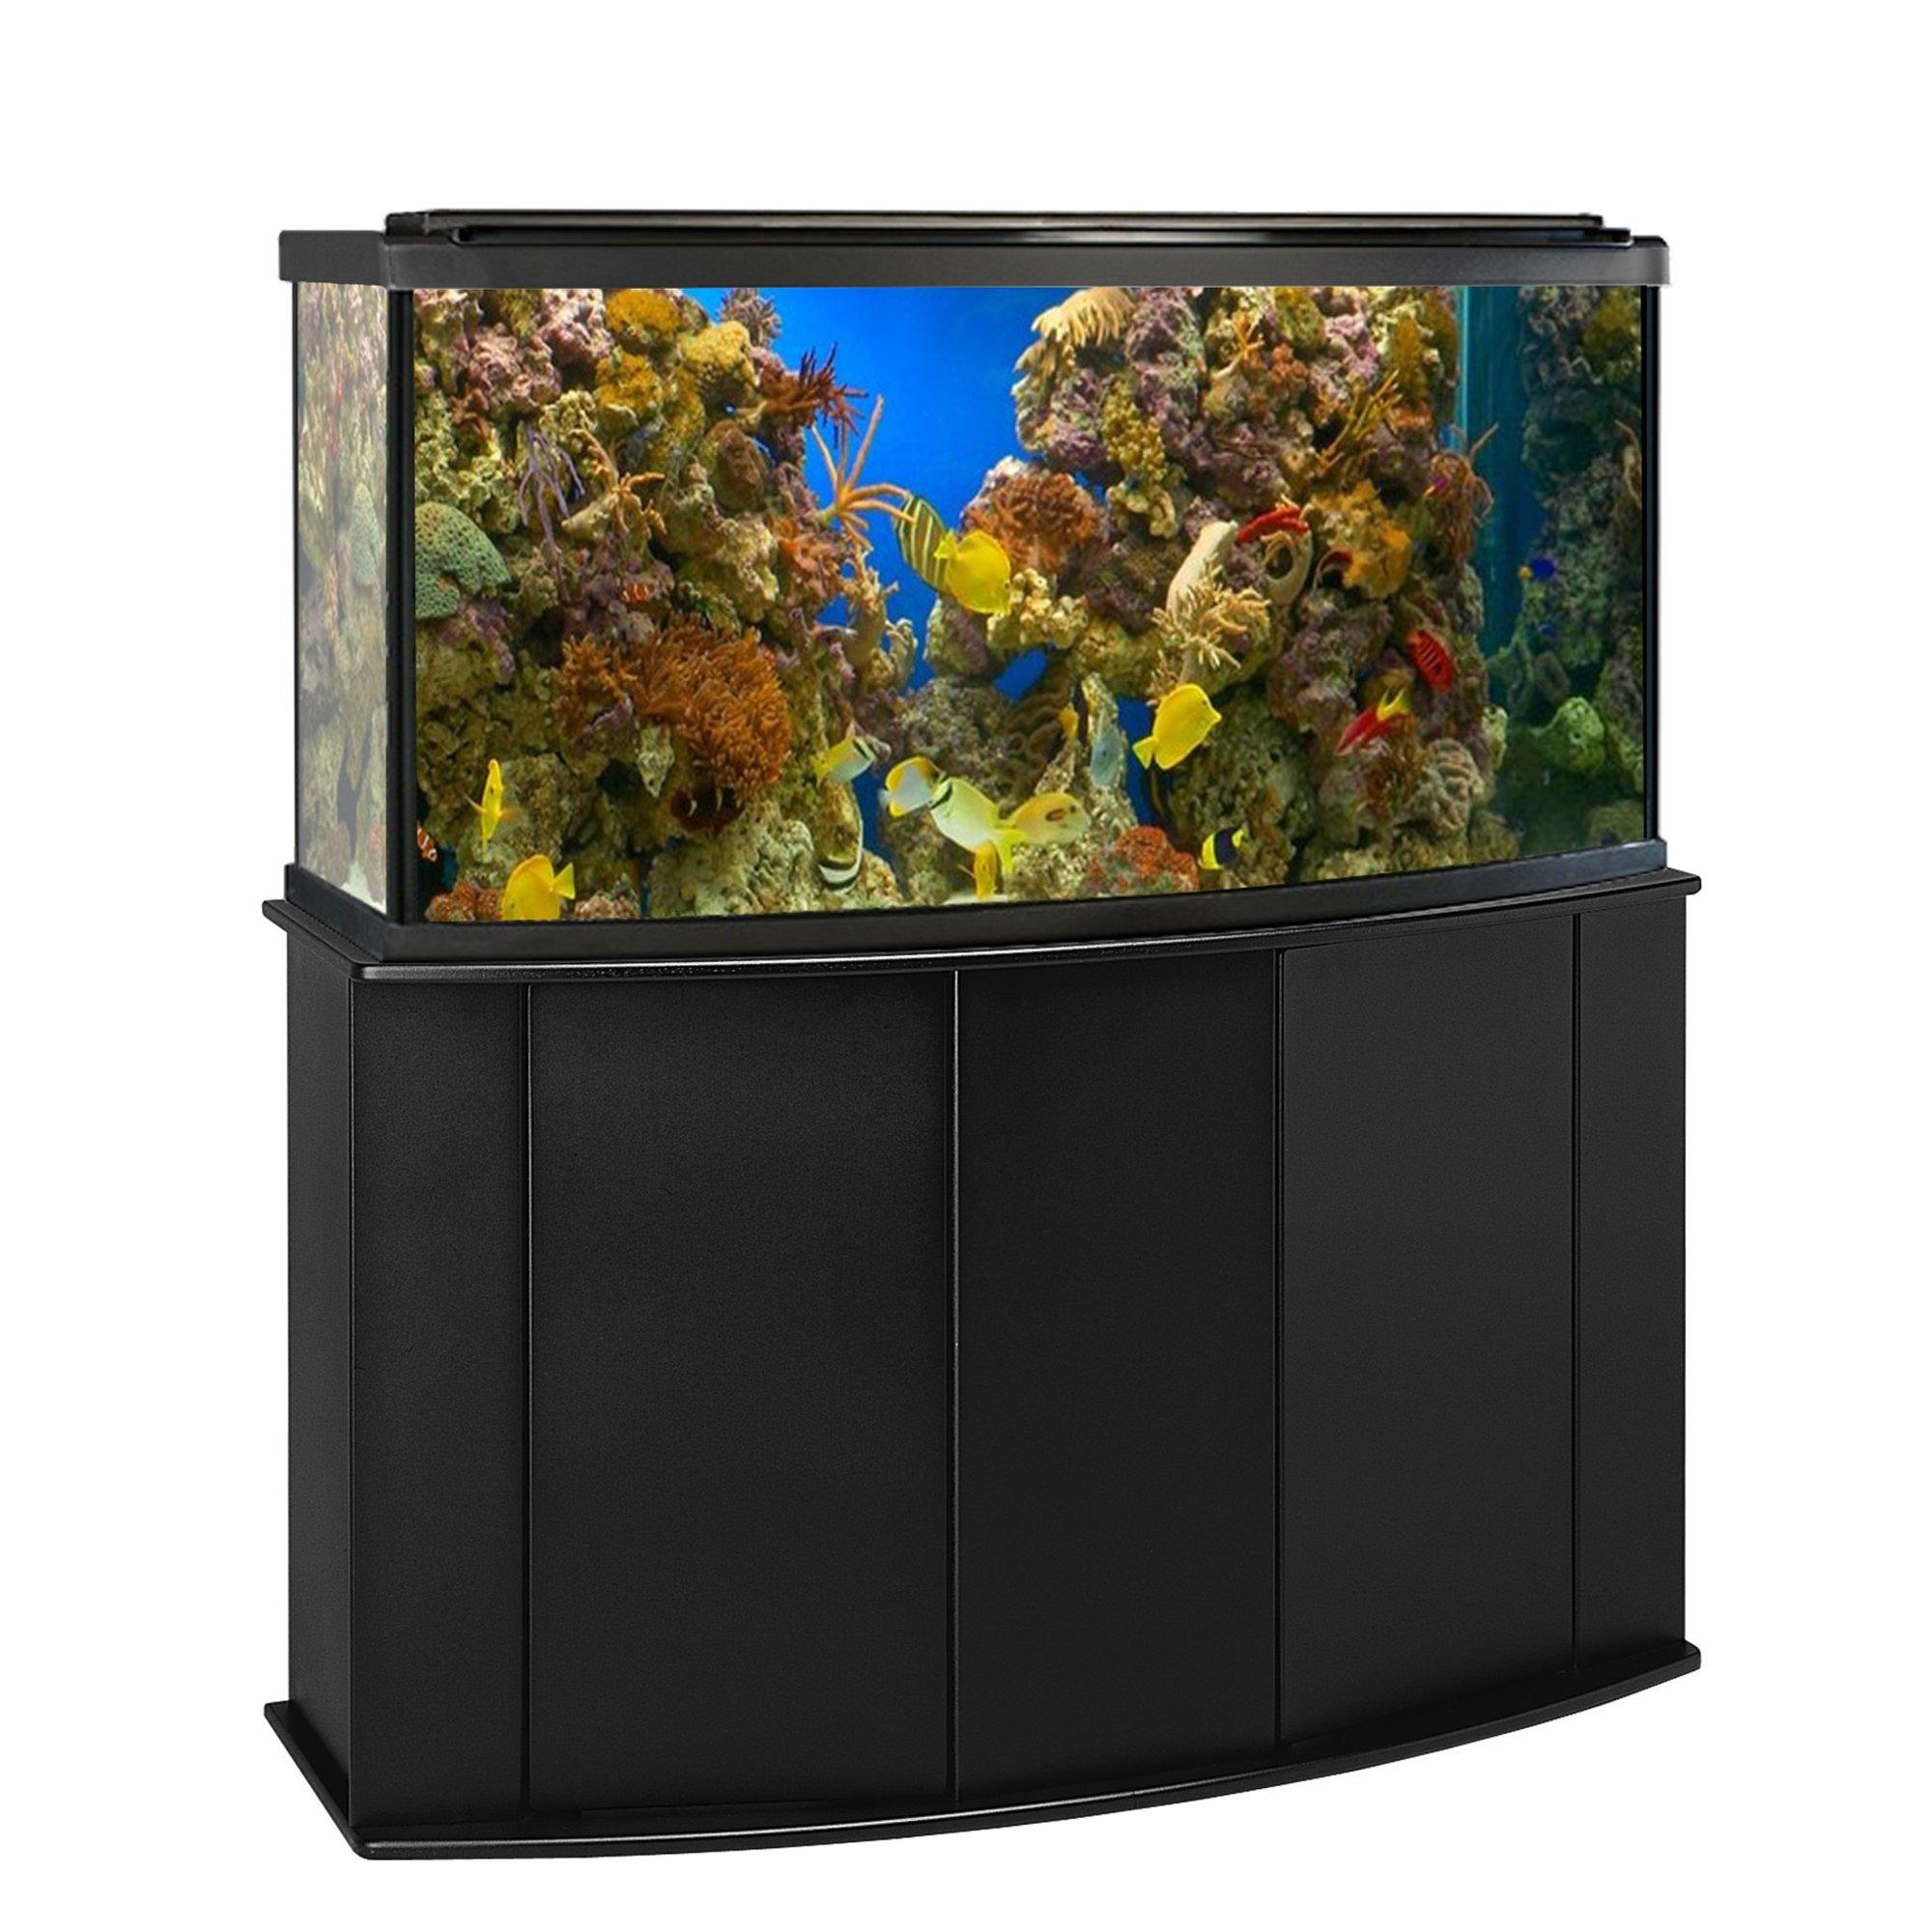 Aquatic Fundamentals 72 Gallon Bowfront Aquarium Stand